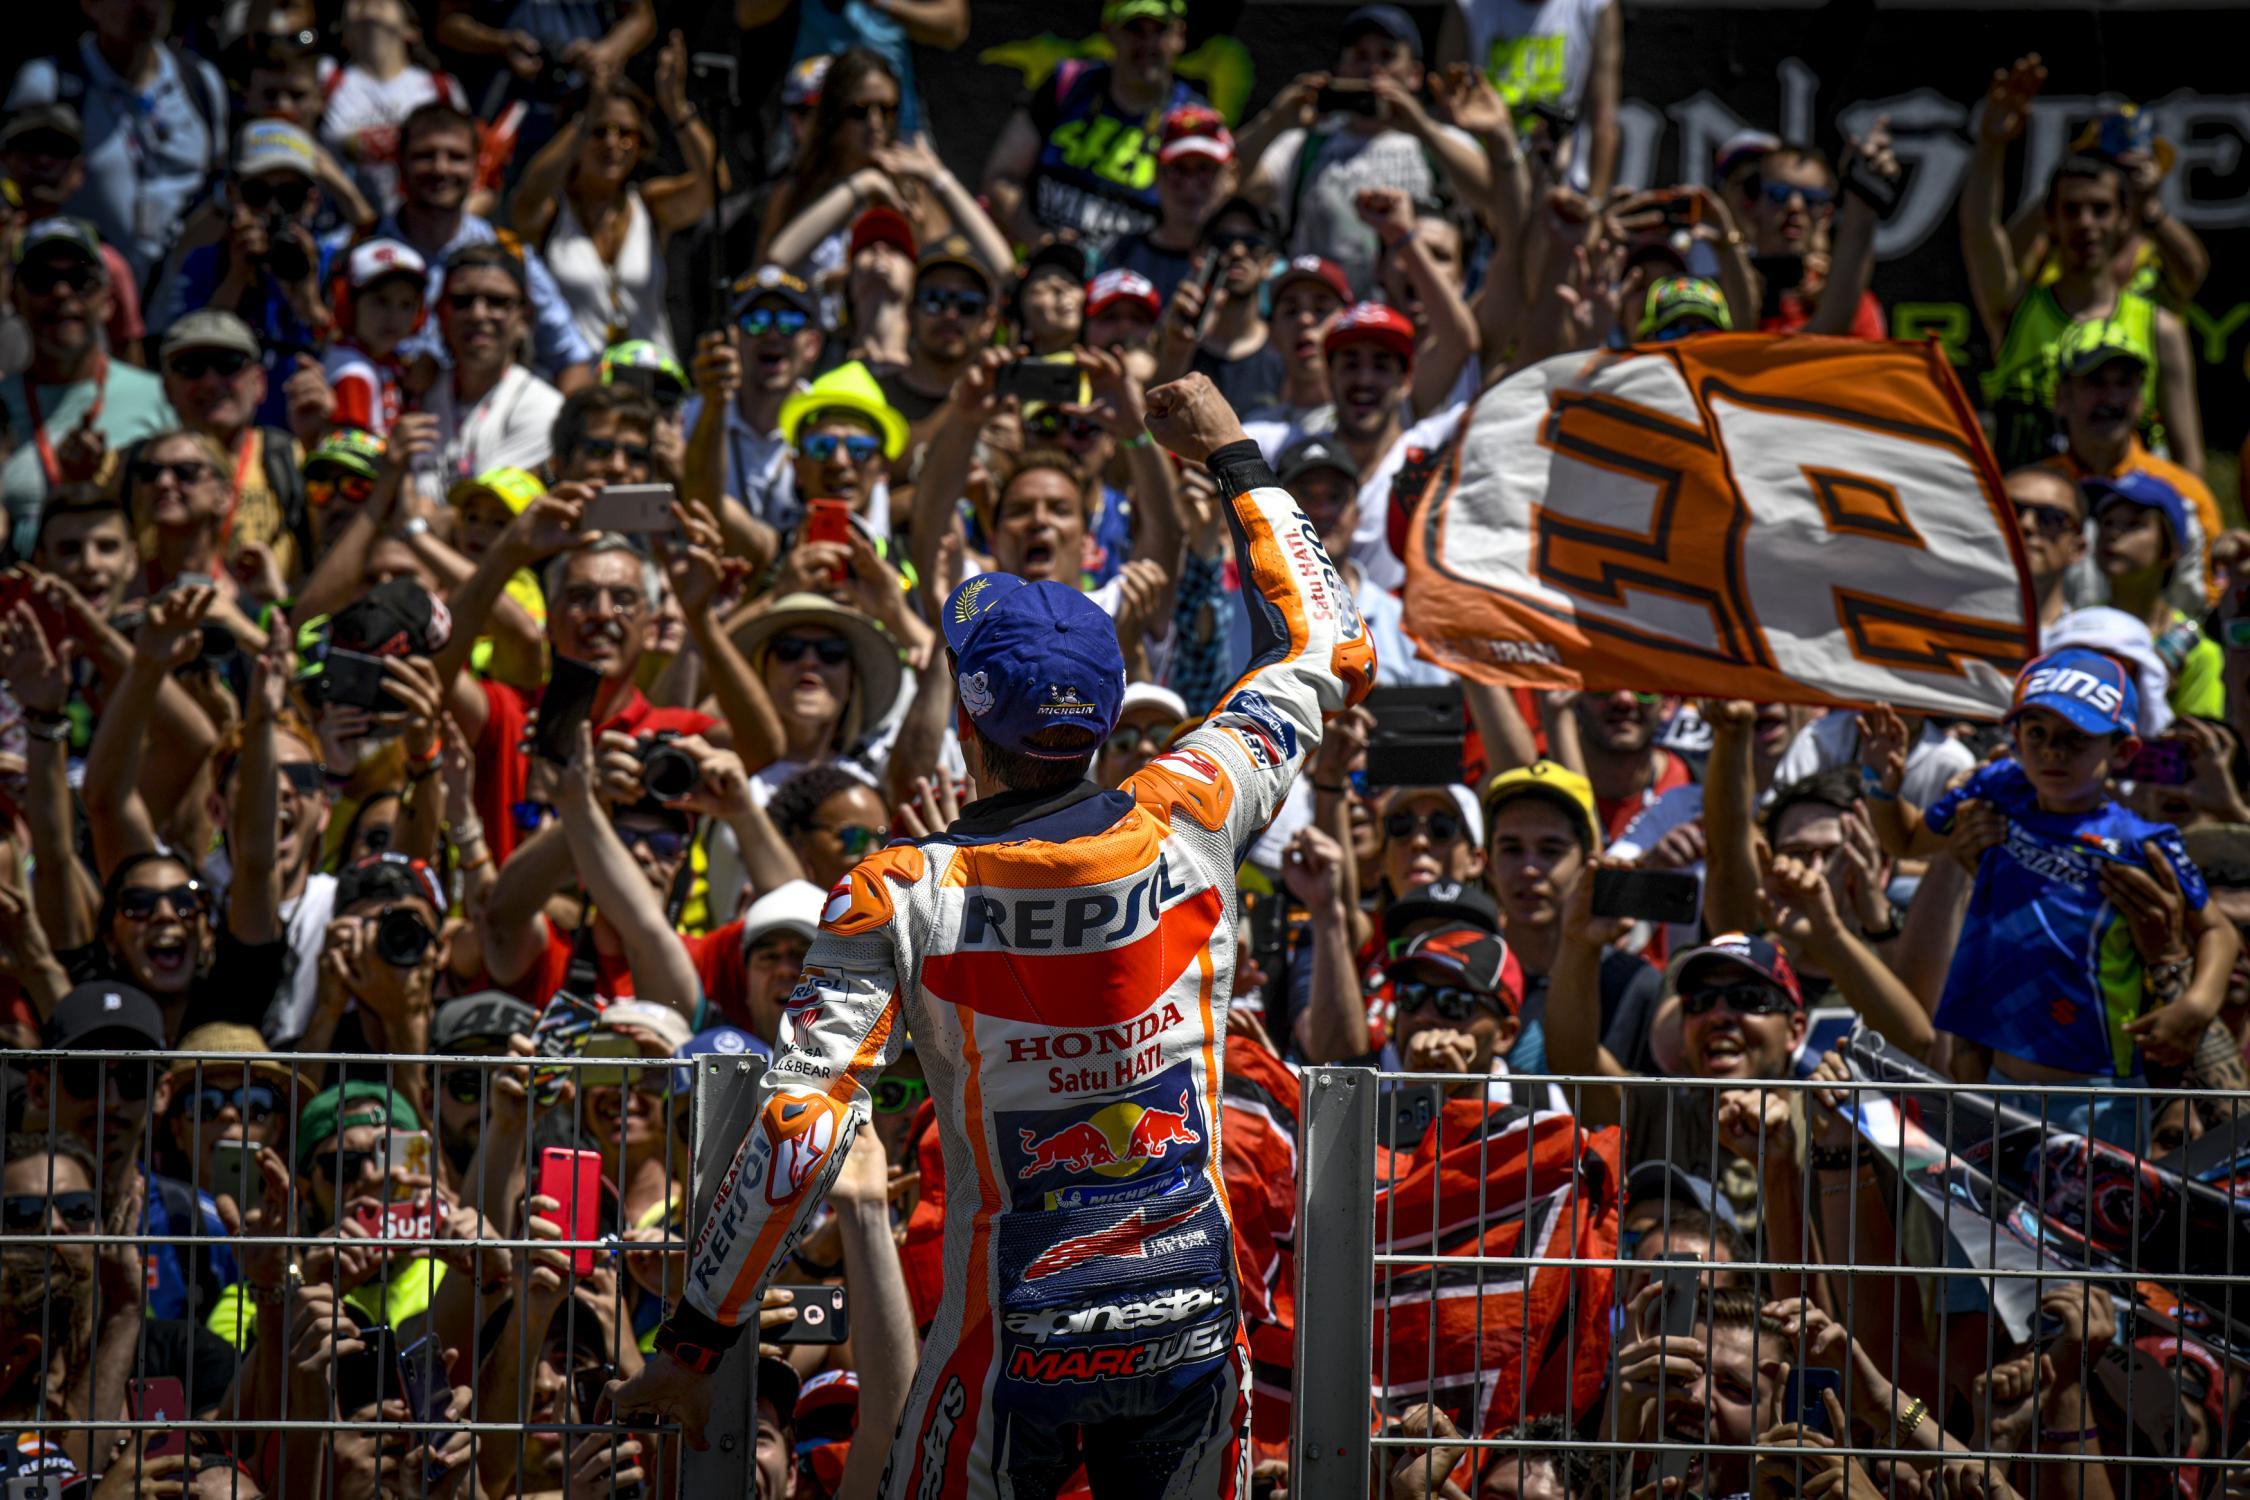 MotoGP: Vitória em casa para Marquez com os melhores a ficarem pelo caminho